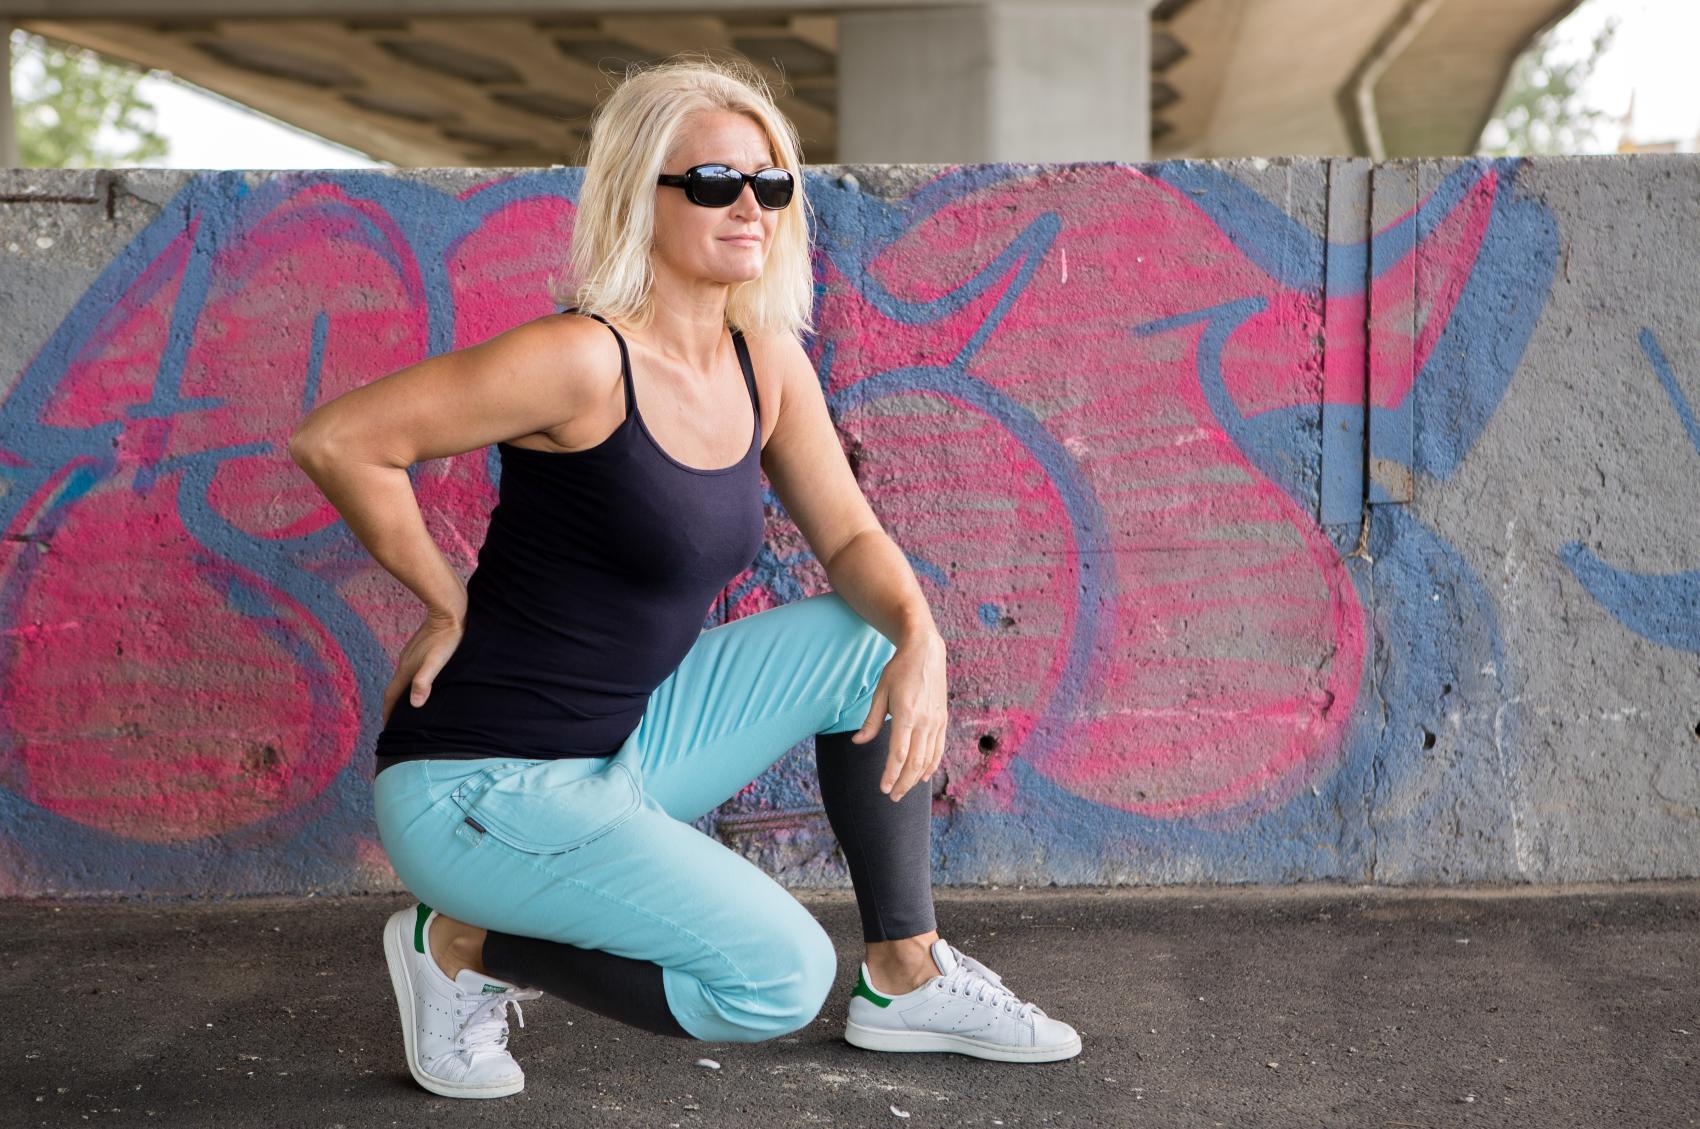 Błękitne spodnie z bawełny z elastanem. To spodnie wąskie, raczej dopasowane, z dużymi kieszeniami wykończonymi od wewnątrz materiałem w biało - brązowe wzory. Zakończone są szerokim ściągaczem, który pozwala na dowolną regulację stanu. Mogą być noszone na biodrach, jak i w pasie. WYMIARY i MATERIAŁY Modelka na zdjęciu ma 167 cm wzrostu. Obwód w biodrach: do 98 cm Wysokość w kroku: 30 cm Długość całej nogawki: 95 cm ŚCIĄGACZ W PASIE: Wysokość: 14 cm ŚCIĄGACZ w nogawce: Wysokość ściągacza w nogawce: 26 cm Spodnie typu casual, które sprawdzają się: - w sytuacjach codziennych - idealne na spacer, shopping, do pracy czy po pracy, - w podróży: - posiadają dwie duże kieszenie, w których możesz zmieścić telefon, chusteczki, nieduży portfel. - dodatkowo pas, to szeroki ściągacz, który nie uciska i nie ogranicza swobody. - na imprezy - tak domówki, jak i bardziej wieczorowe. Zapewnią Wam niebanalną stylizację oraz luz, który na każdej imprezie jest również potrzebny :) STYLIZACJA Spodnie można